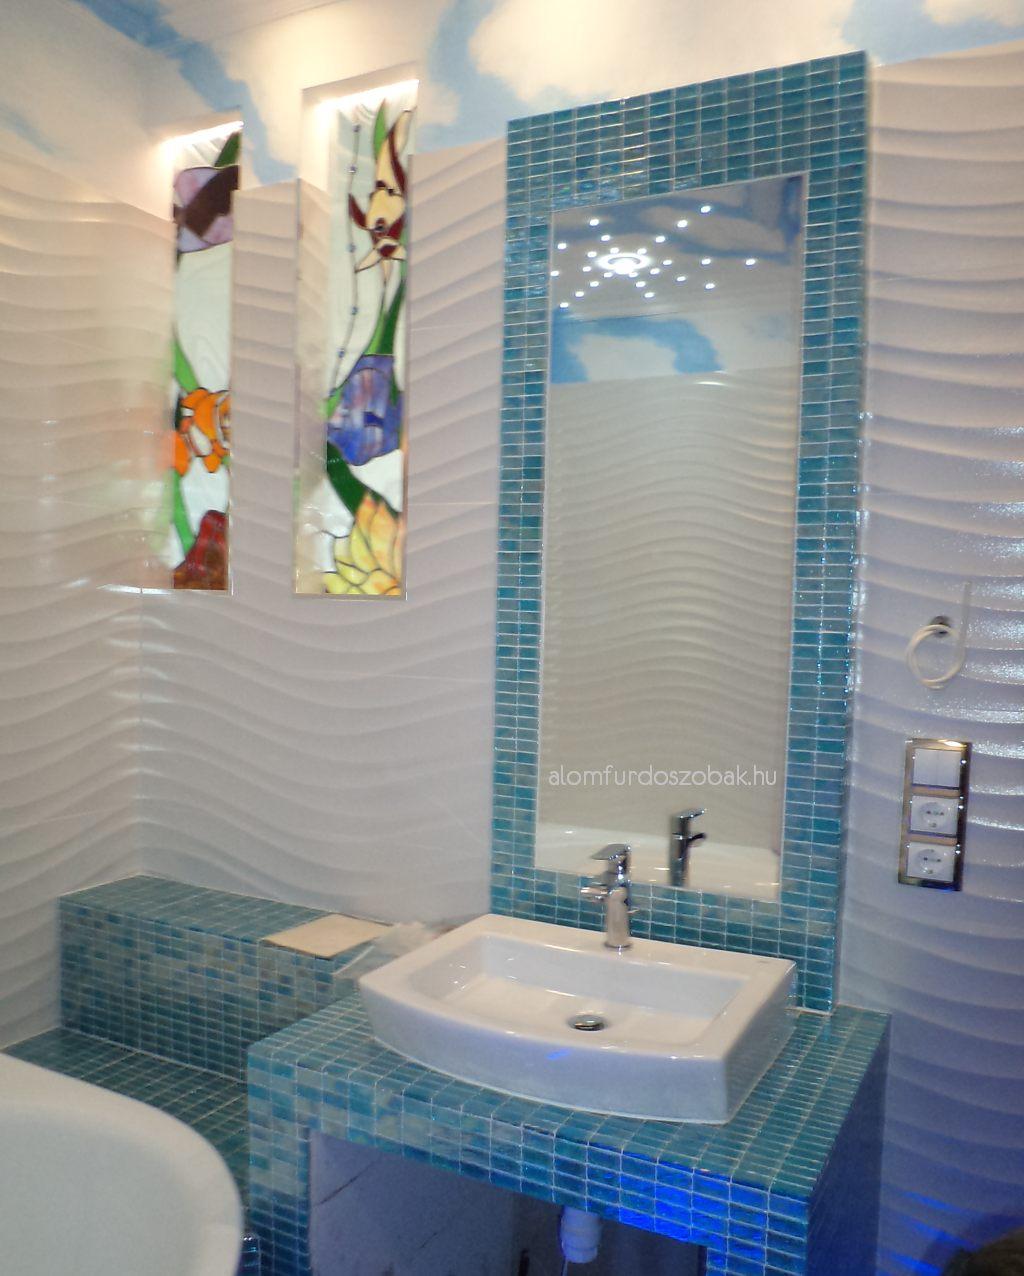 Porcelanosa Qatar: gyerekfürdőszoba szerencsés csillagzat alatt ...